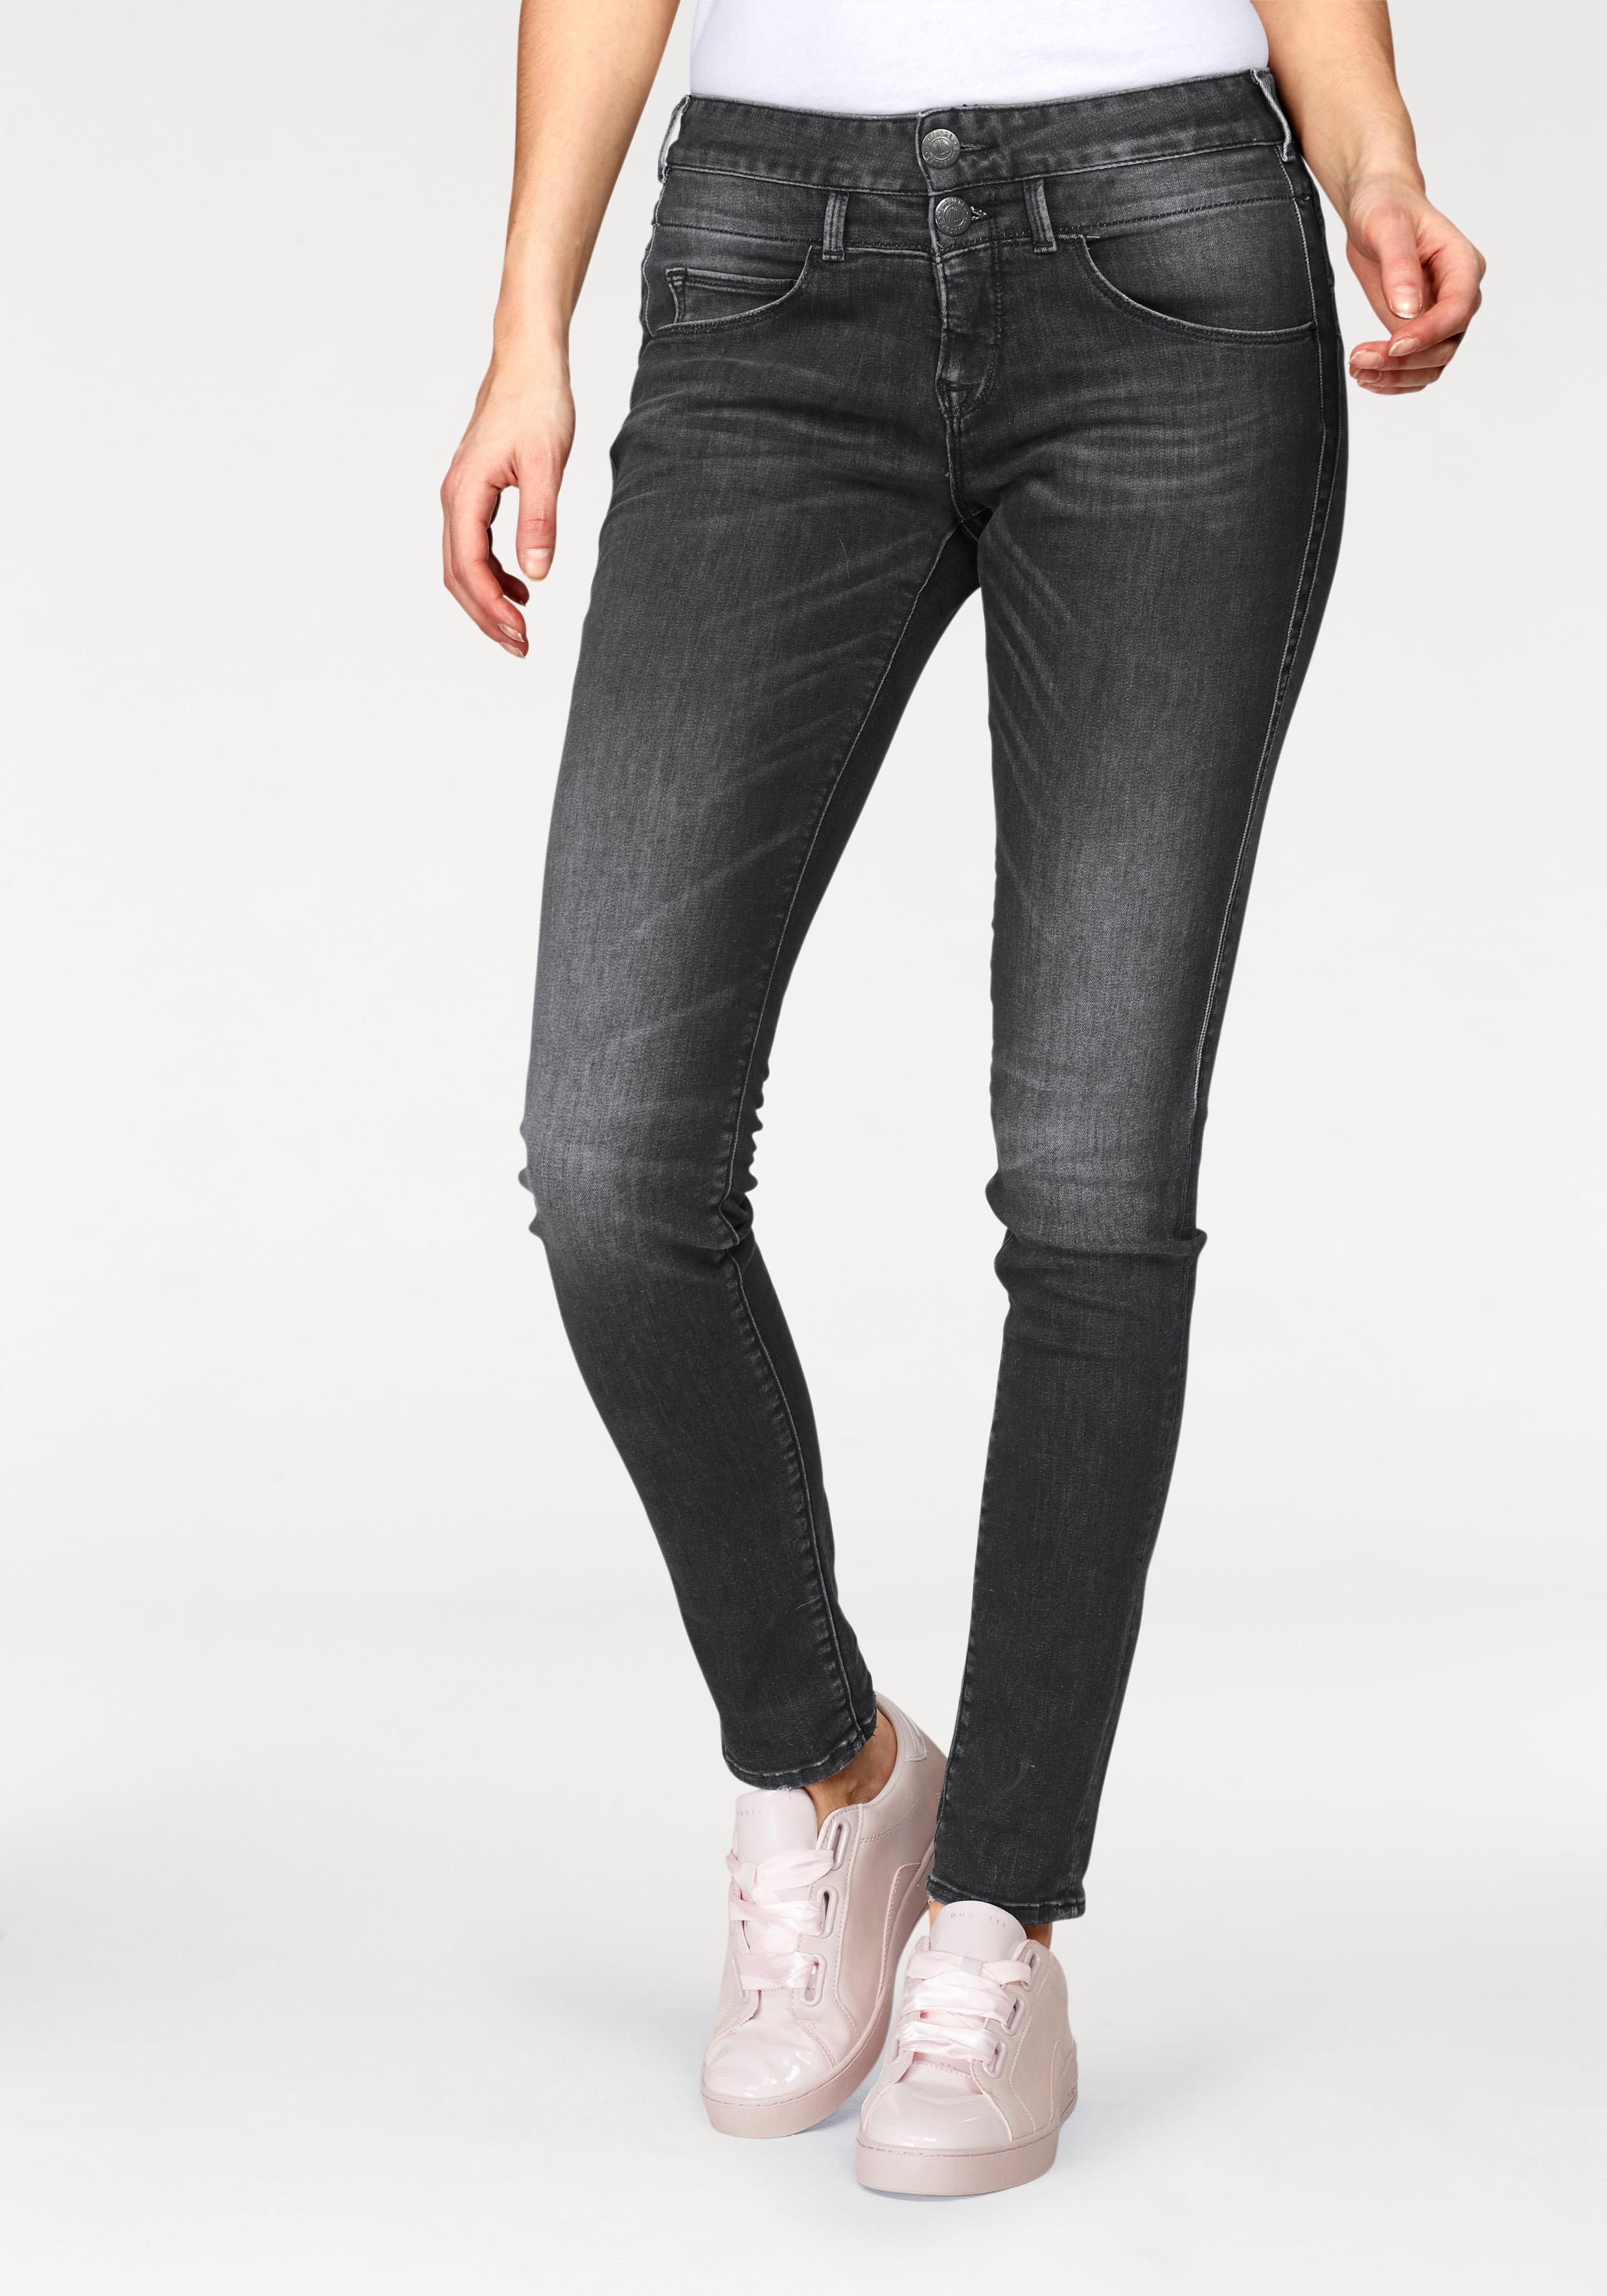 Herrlicher Slim-fit-Jeans BABY SLIM | Bekleidung > Jeans > Sonstige Jeans | Schwarz | Jeans | Herrlicher